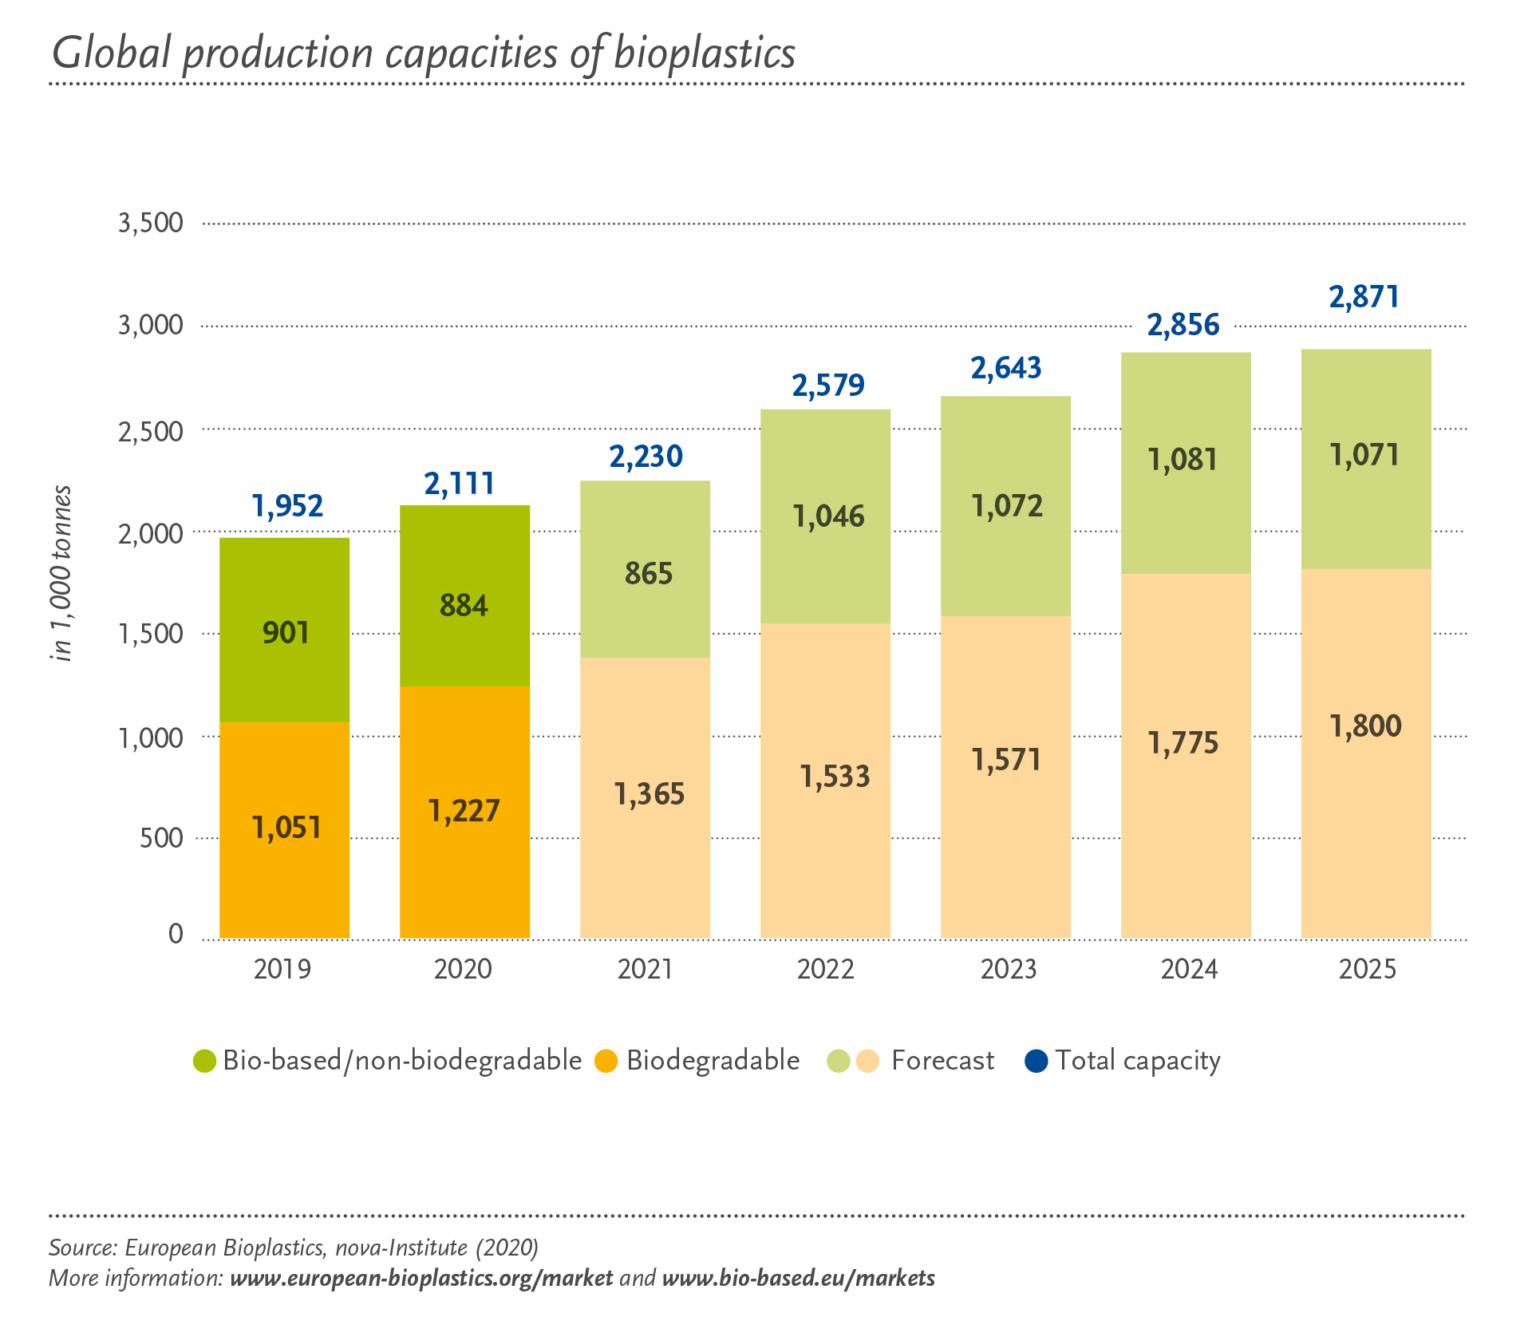 Nhựa sinh học tiếp tục trở thành xu hướng chủ đạo khi thị trường nhựa sinh học toàn cầu tăng trưởng 36% trong vòng 5 năm tới